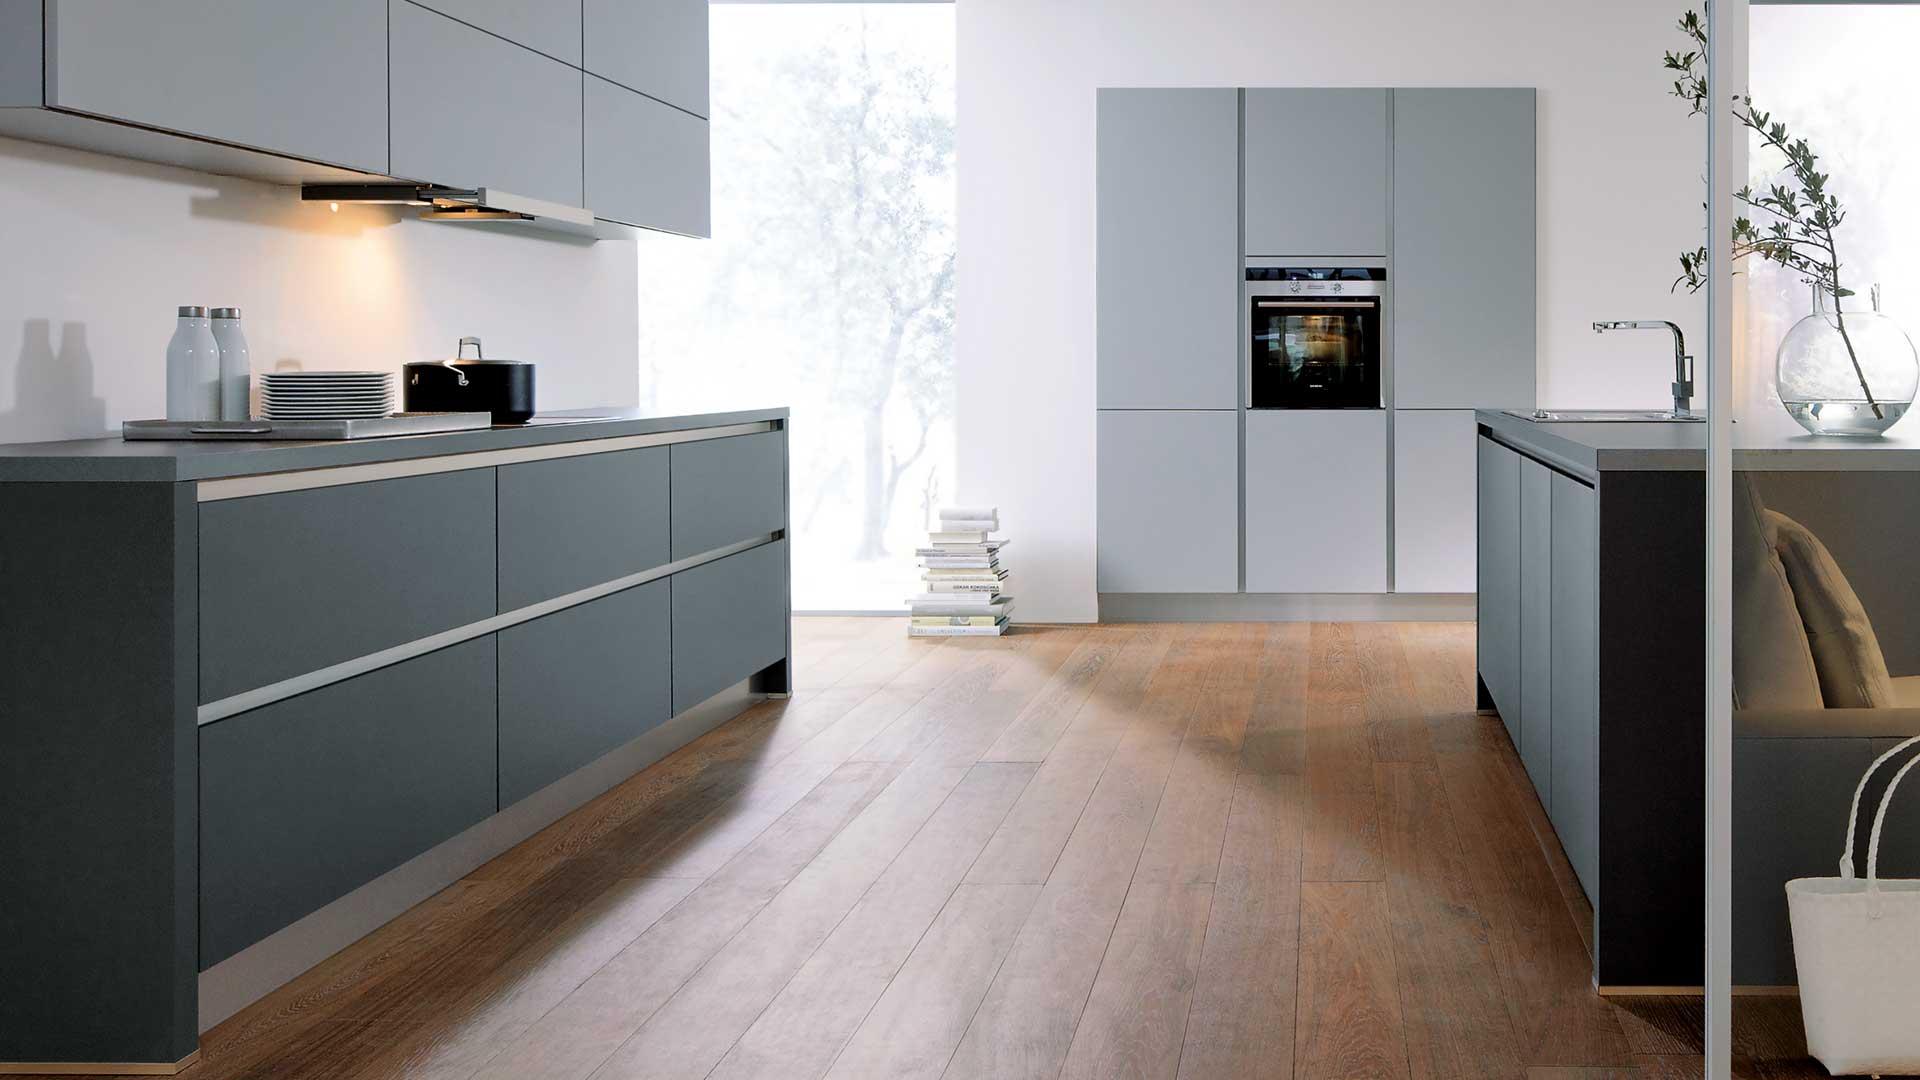 Küchenstudio Köln contur küchen 55 100 in köln wohnwelt köln